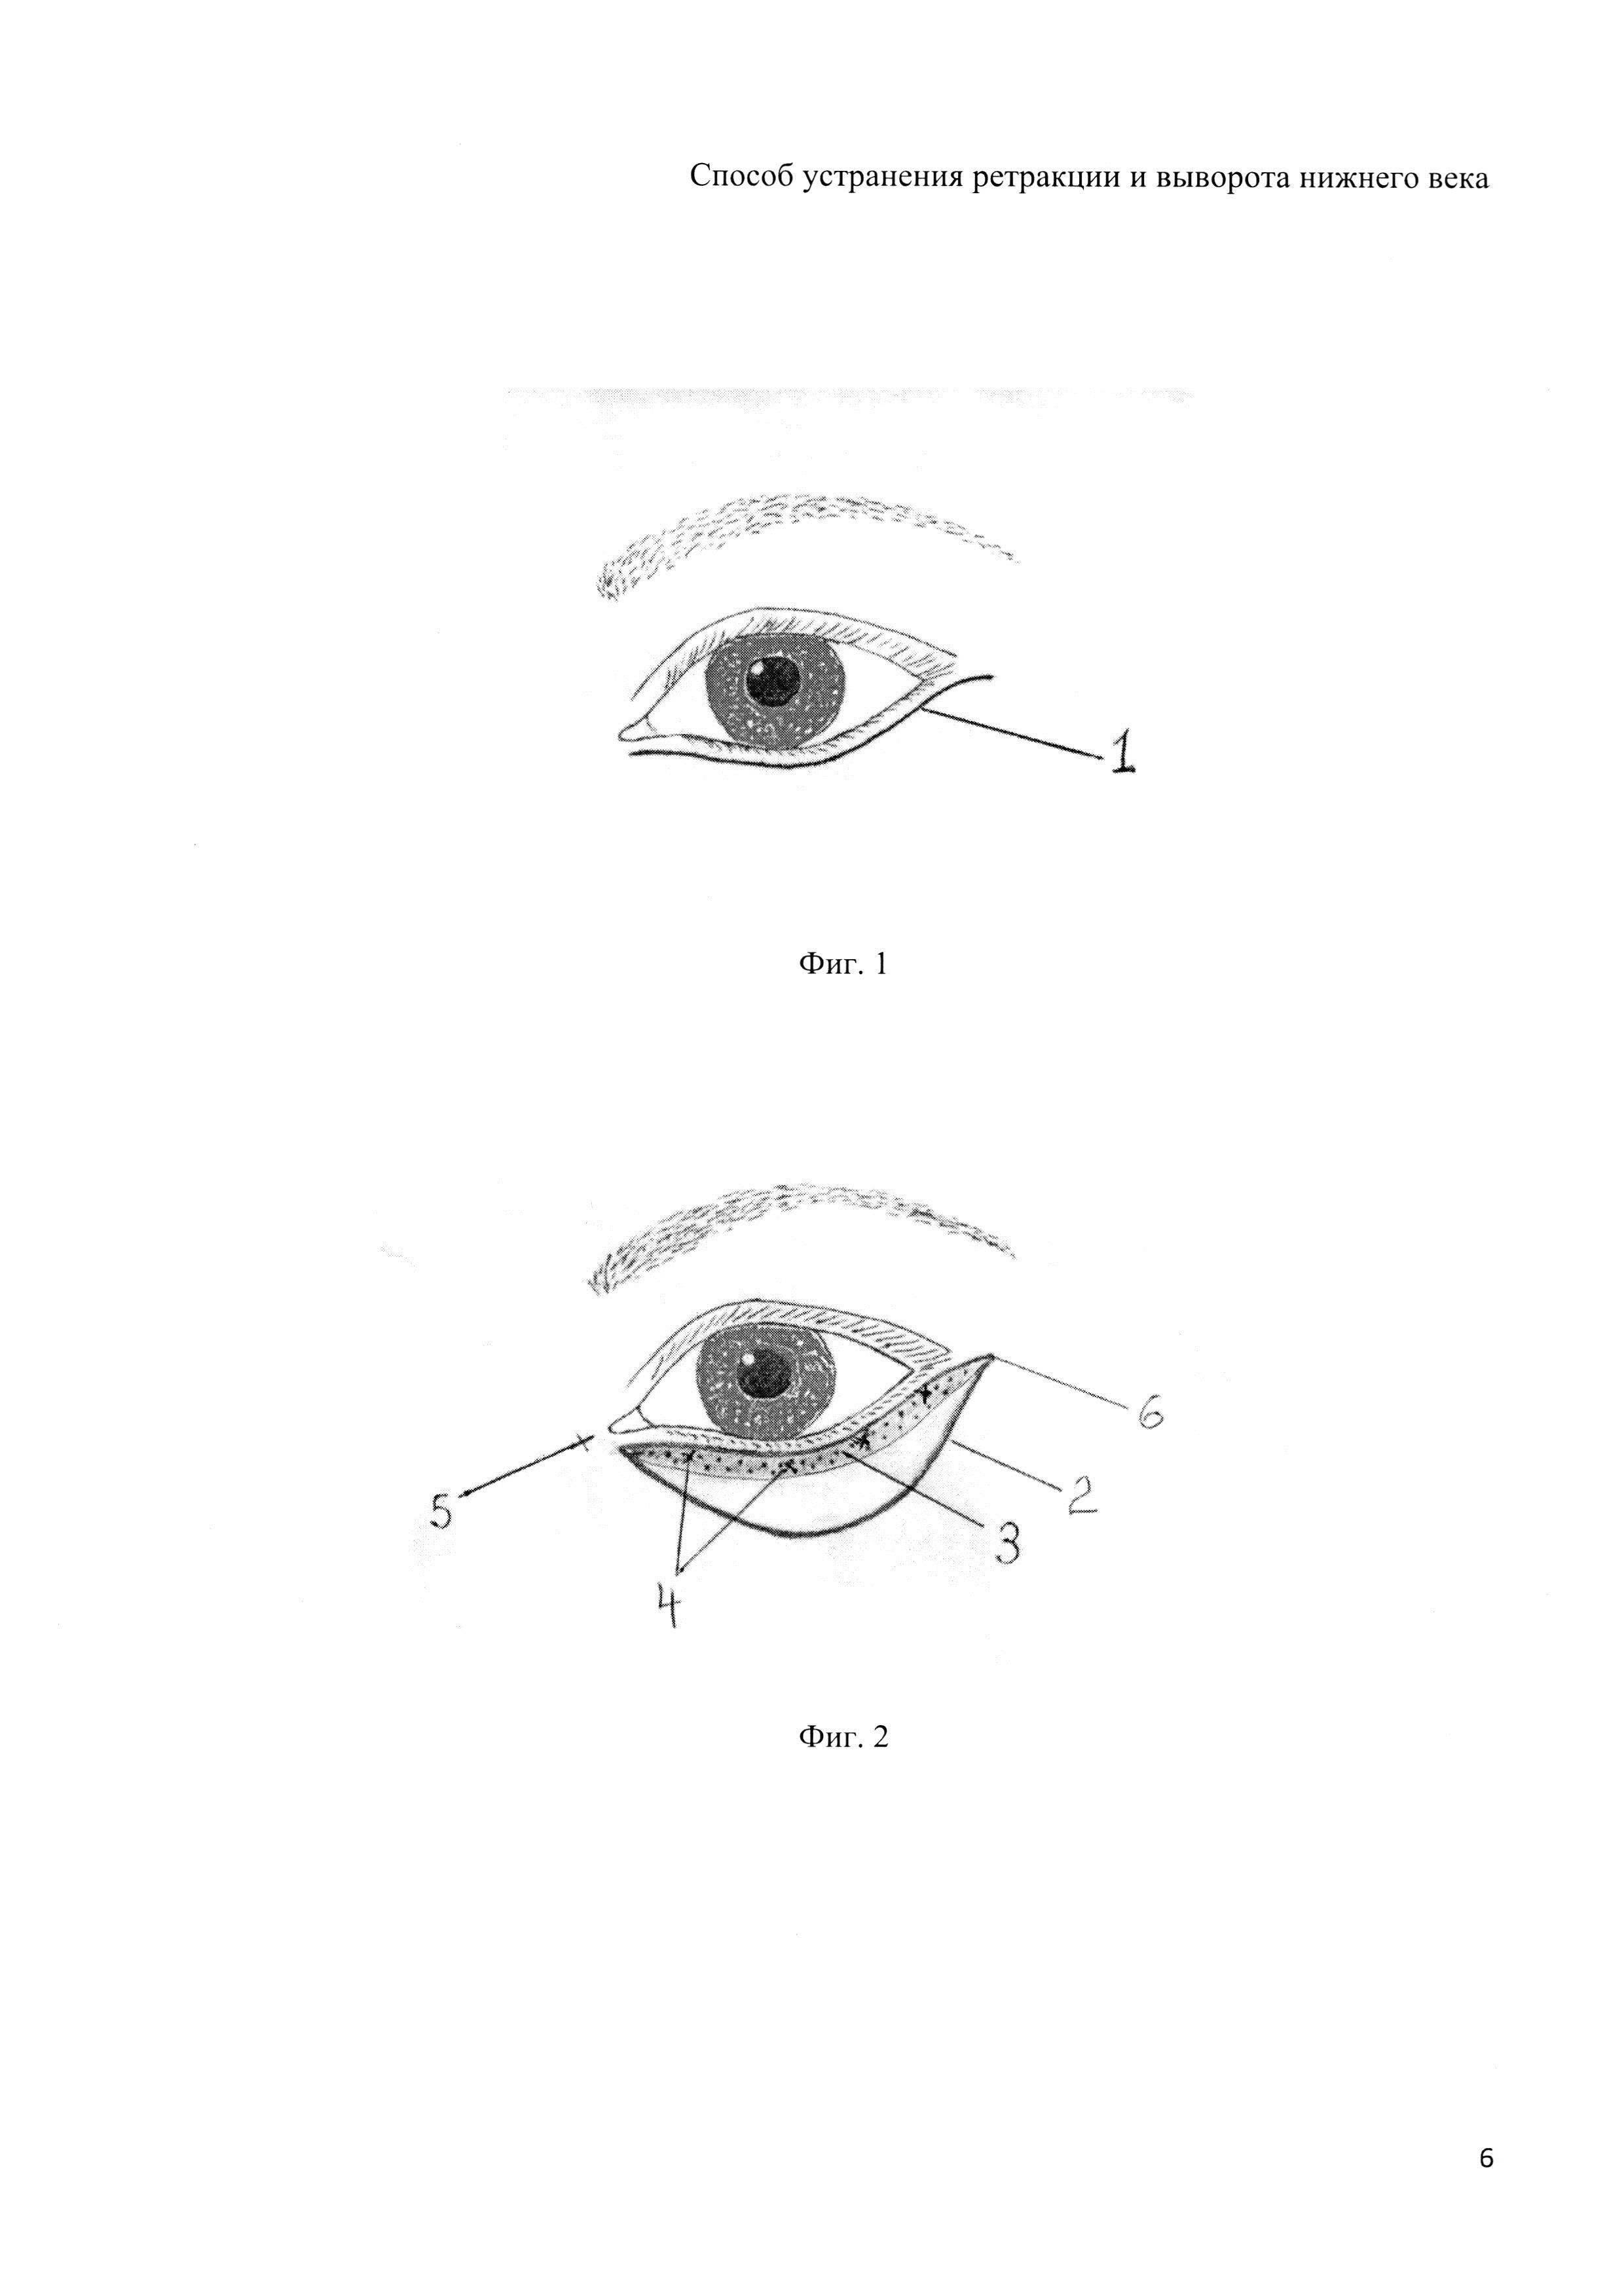 Эндокринная офтальмопатия: фото, диагностика, симптомы, лечение, отзывы